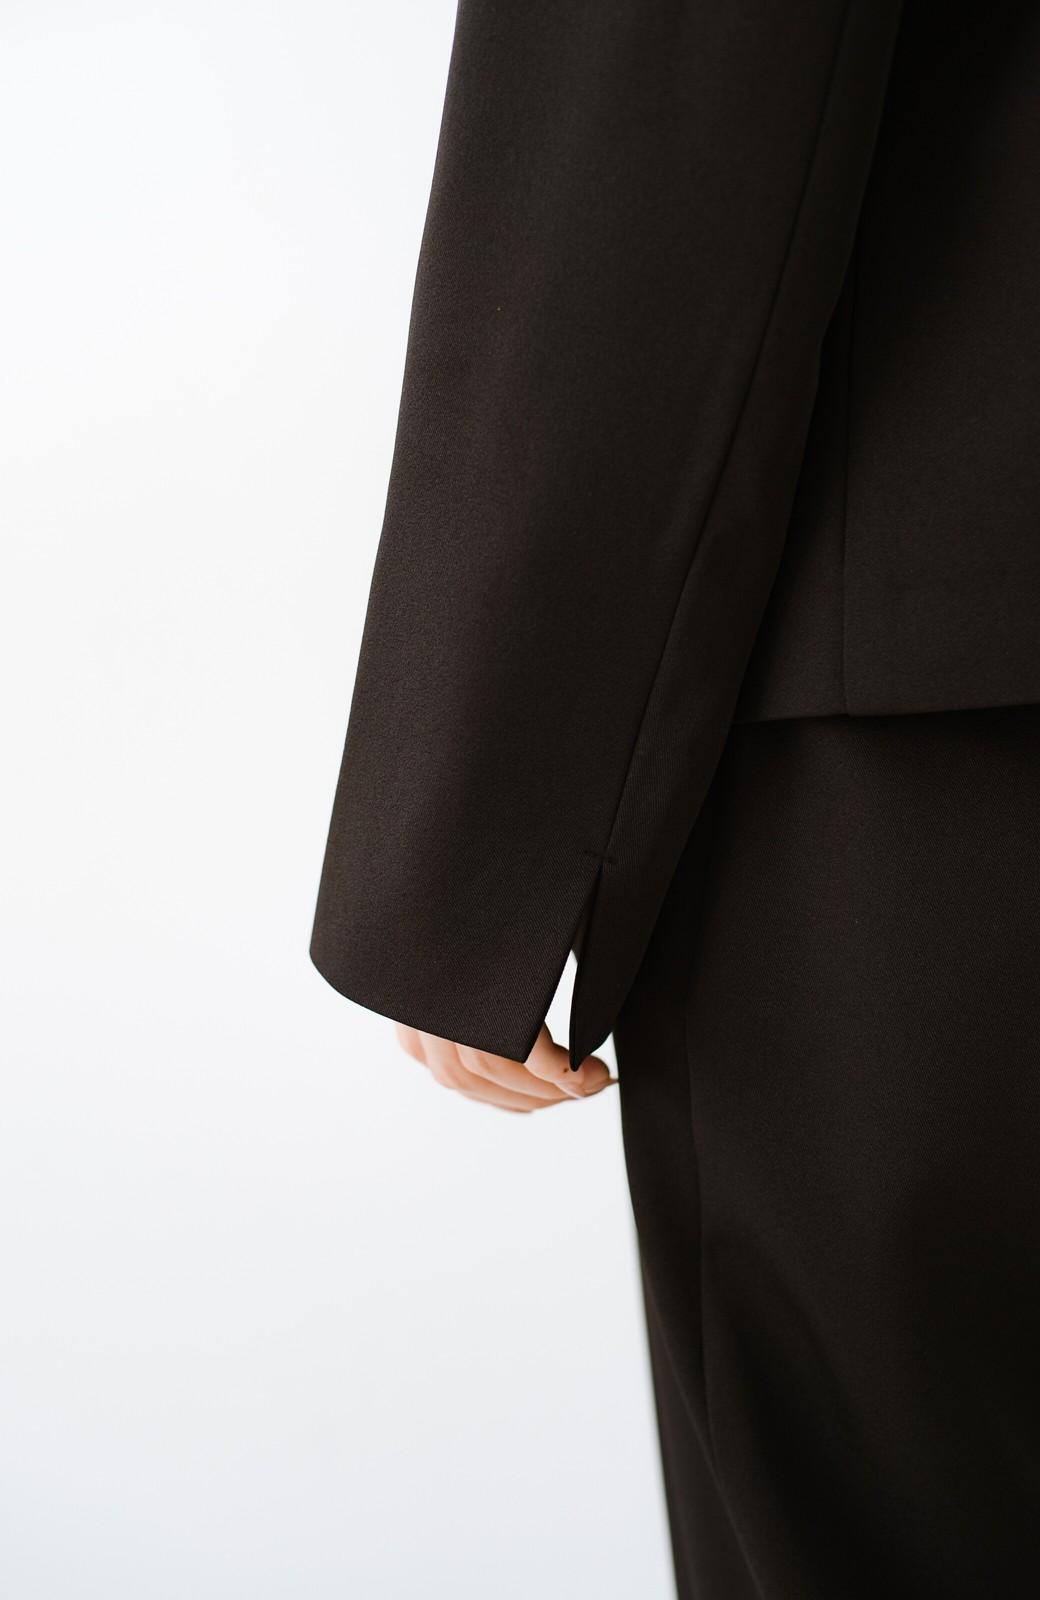 haco! いざというとき困らないための 大人のフォーマル裏地付きジャケット・パンツ2点セット by que made me <ブラック>の商品写真6